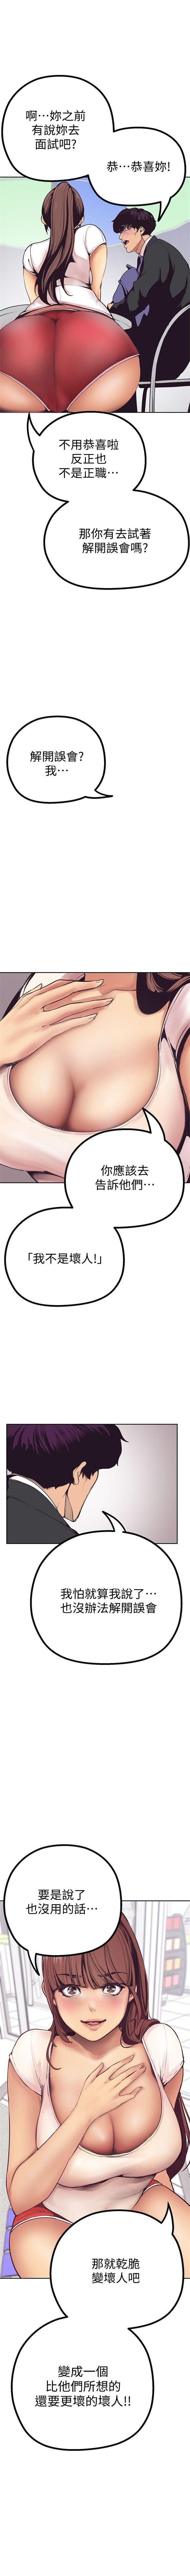 (週1)美麗新世界 1-76 中文翻譯 (更新中) 31